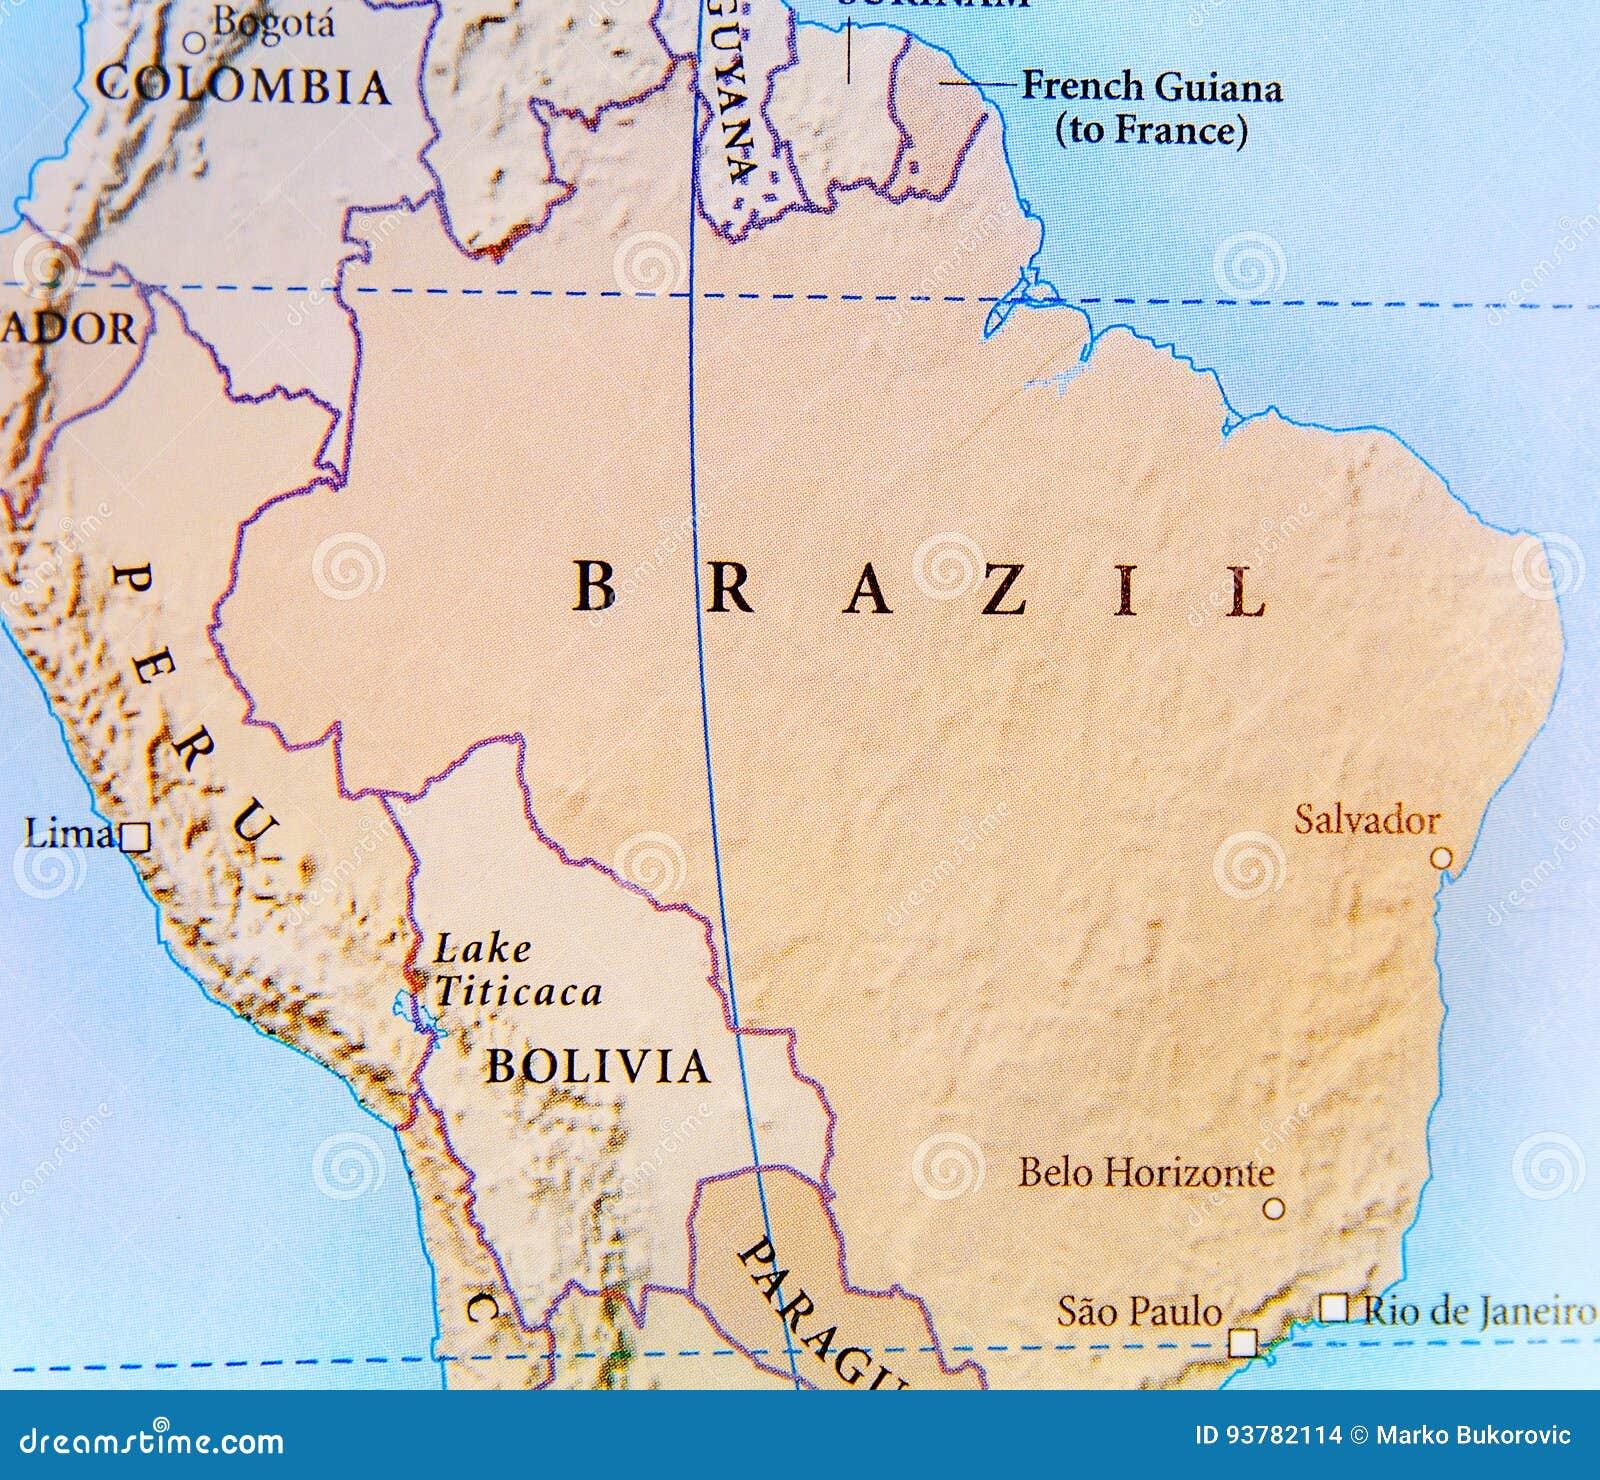 Le Bresil Carte Geographique.Carte Geographique De Pays Du Bresil Avec Les Villes